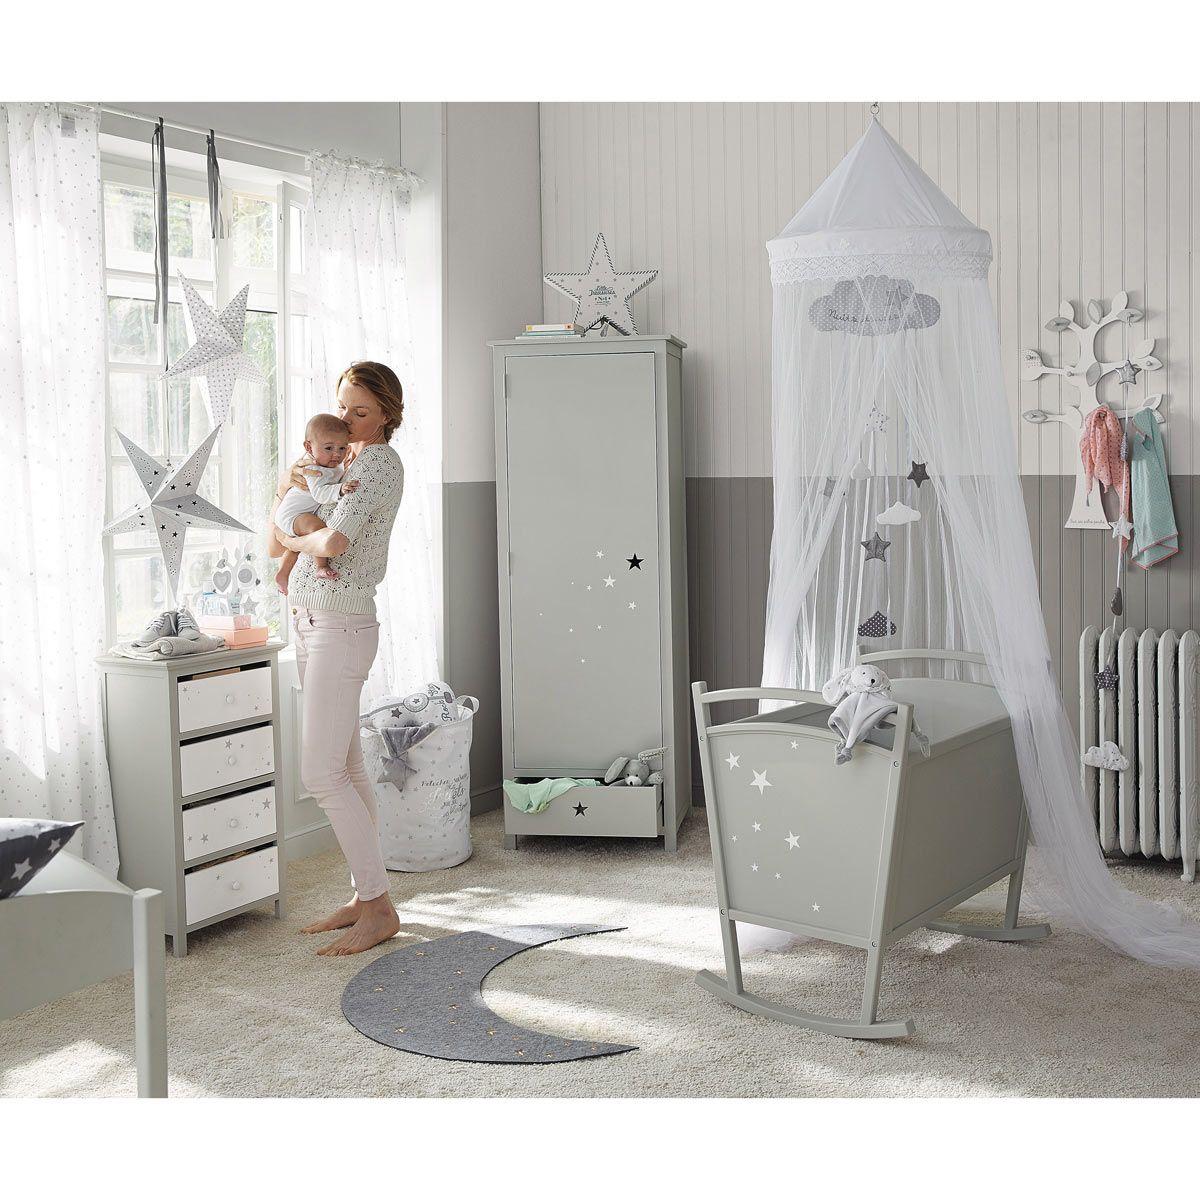 Maison Du Monde Letti Per Bambini.Rideau A Nouettes En Coton Blanc A L Unite 102x250 Lits